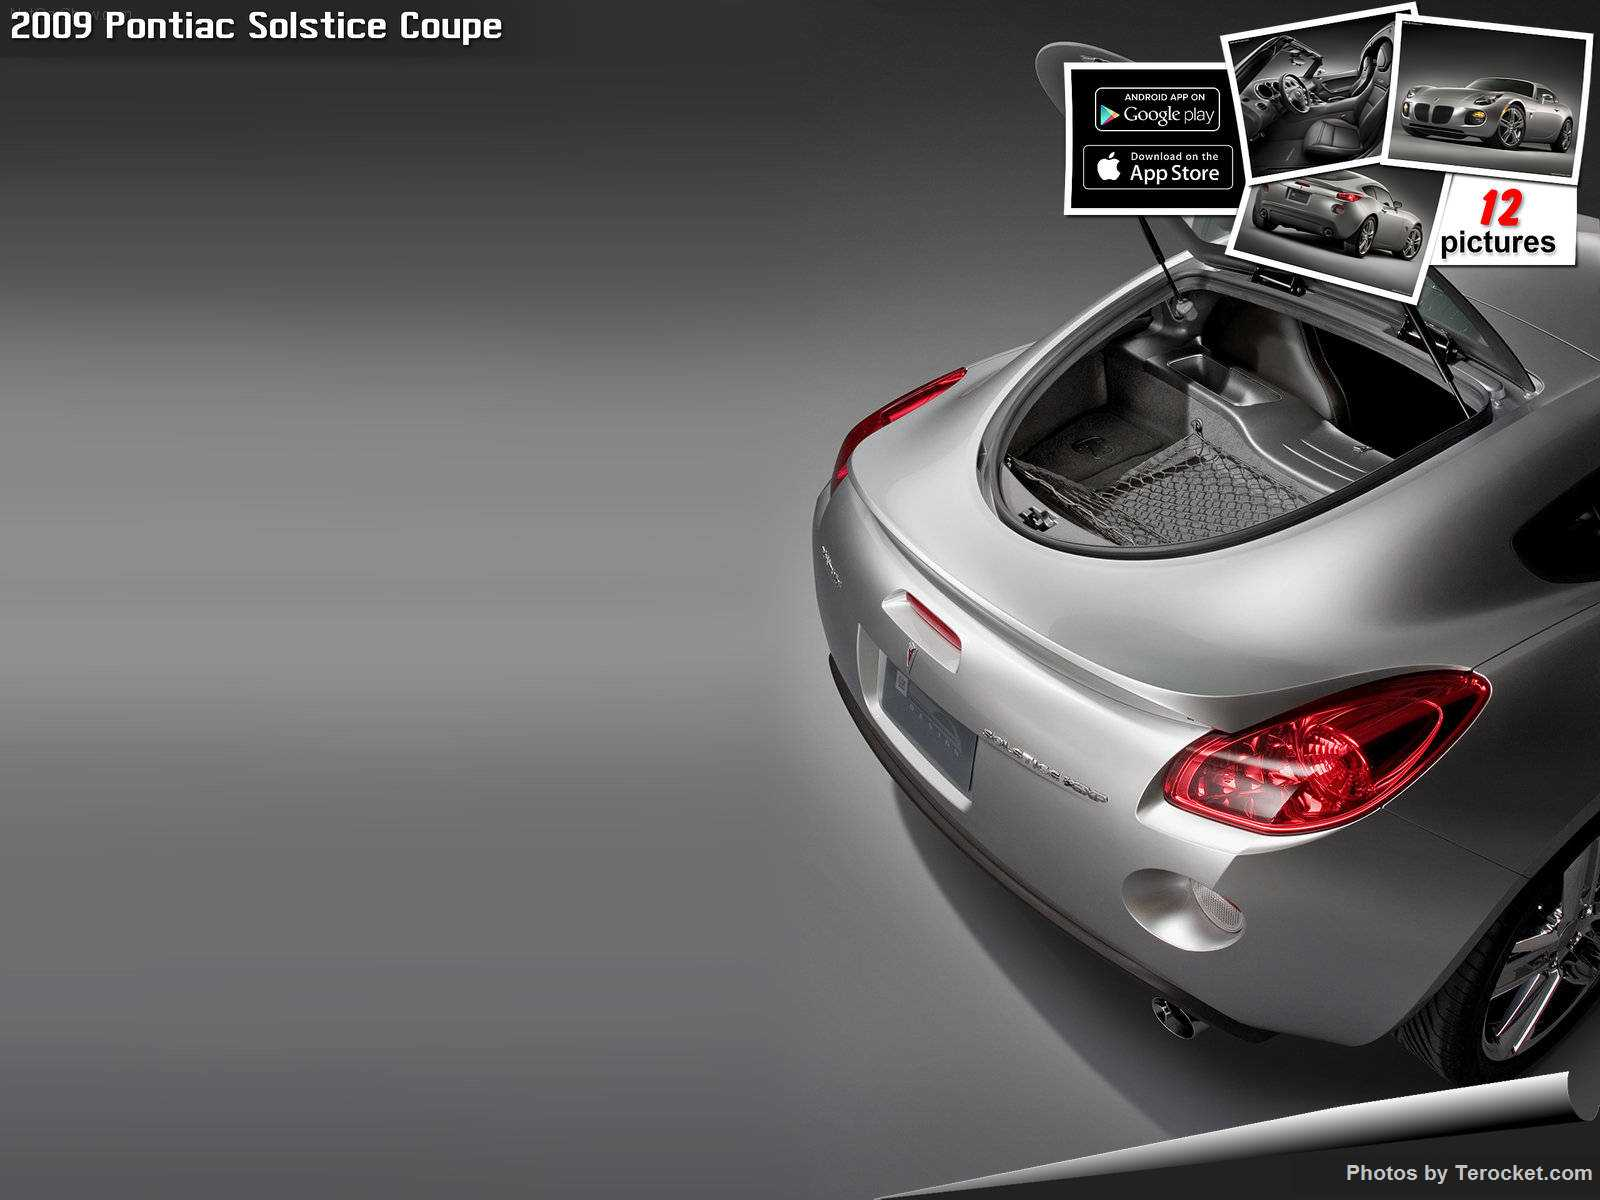 Hình ảnh xe ô tô Pontiac Solstice Coupe 2009 & nội ngoại thất Photos